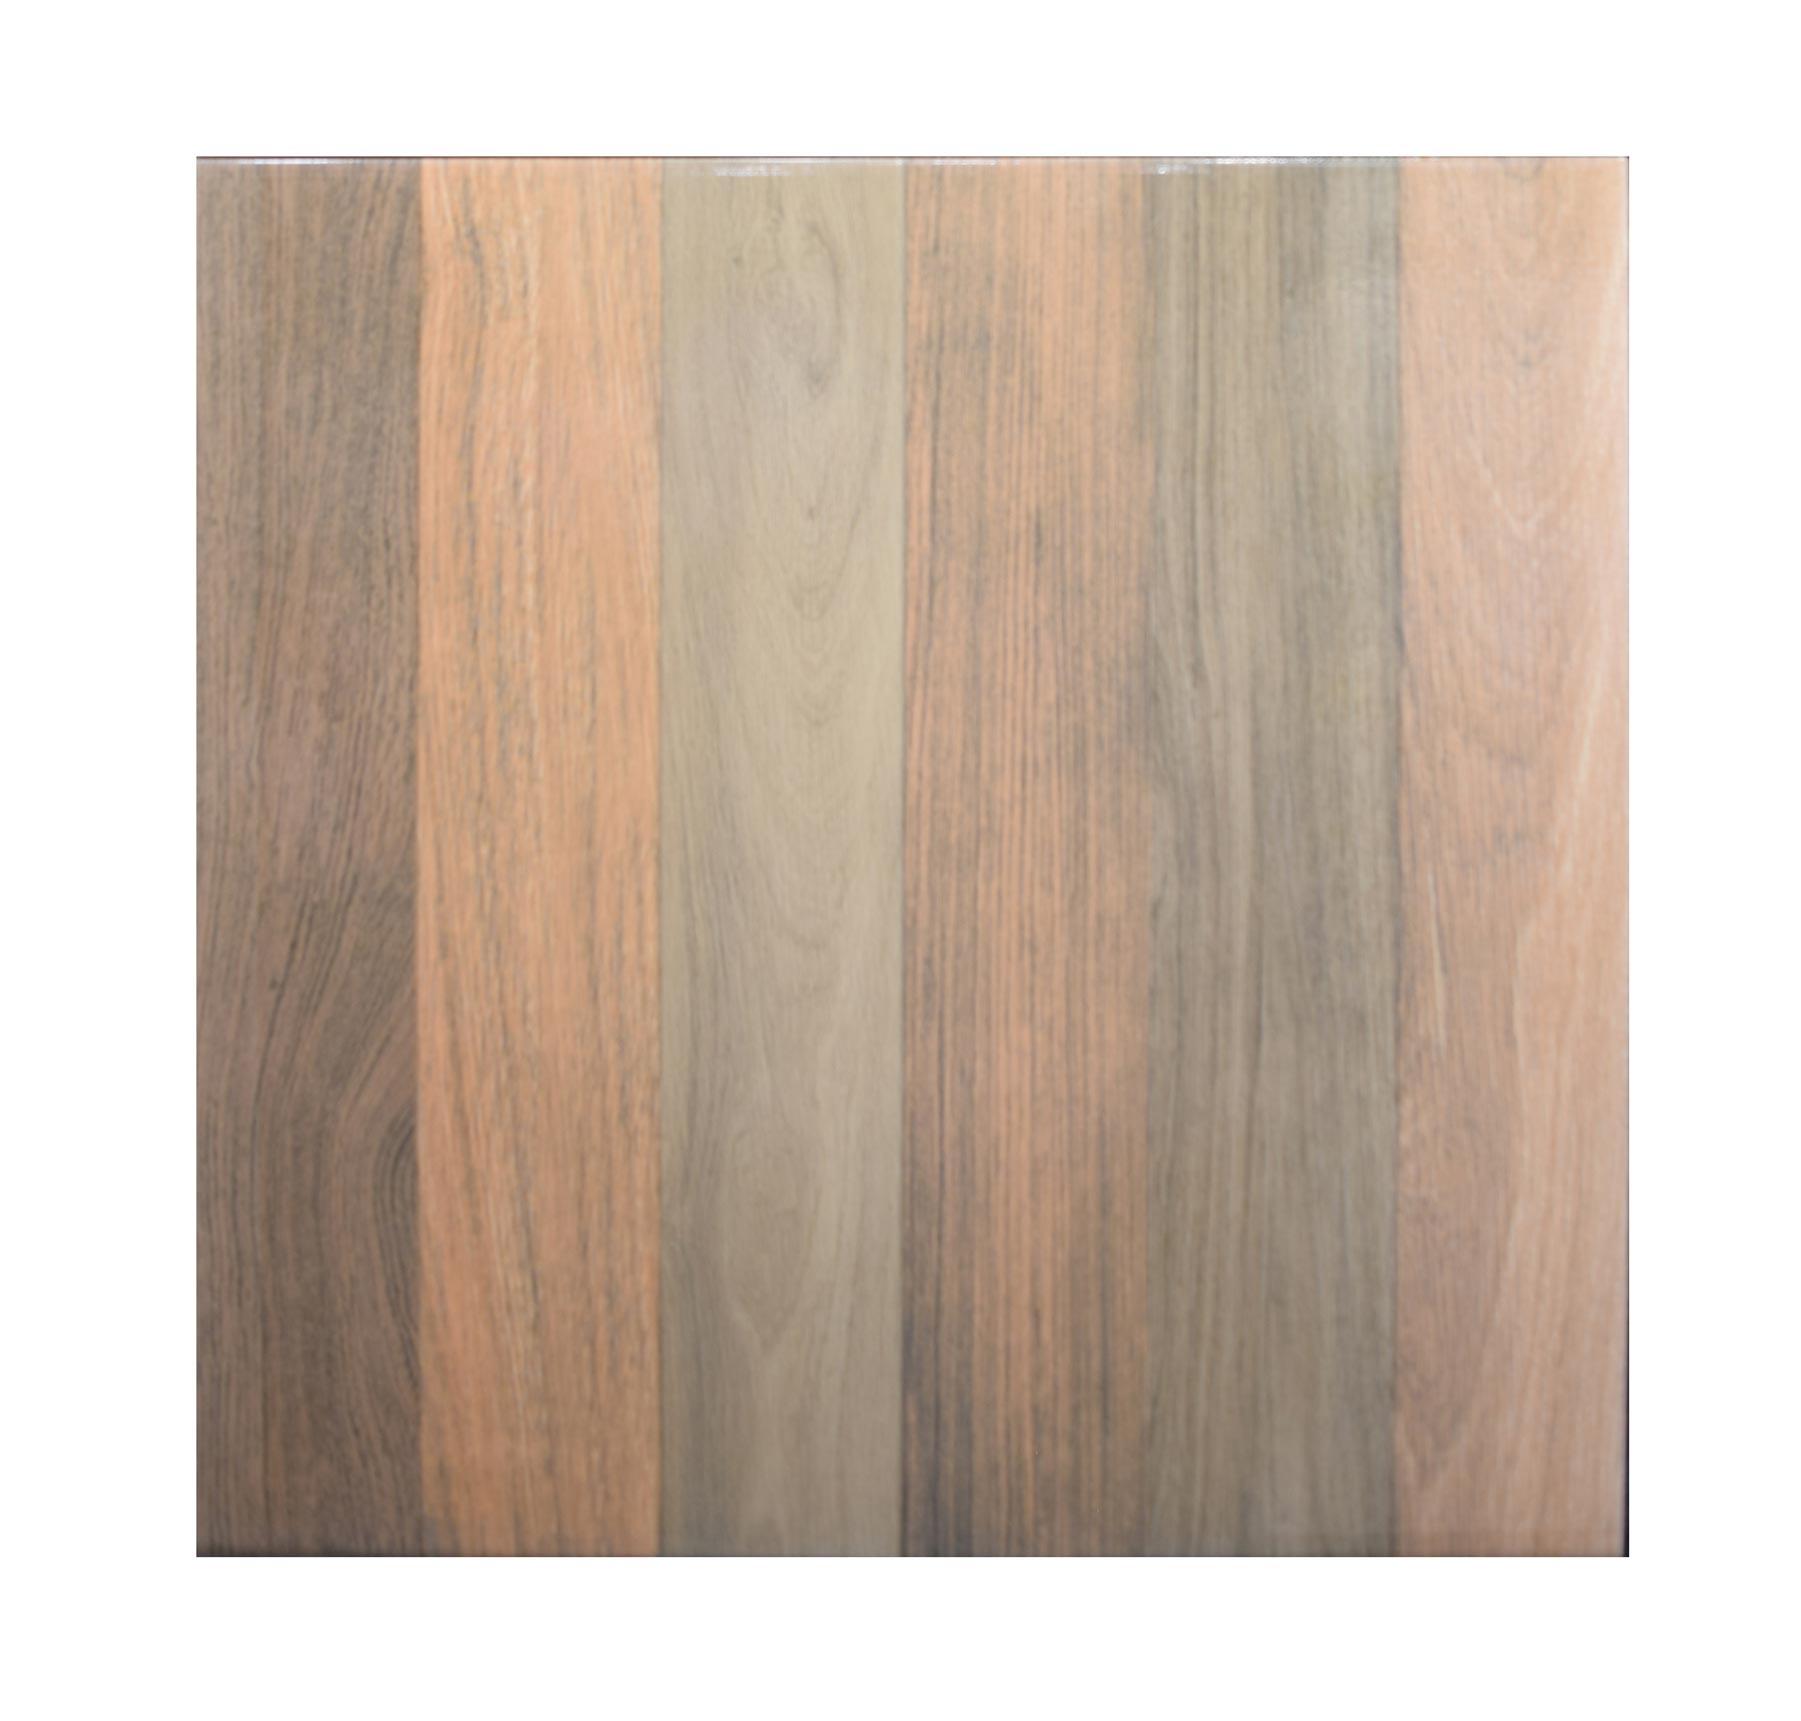 Cristofoletti 18 X 18 Ceramic Floor Tile 45513 Tile Depot Ltd